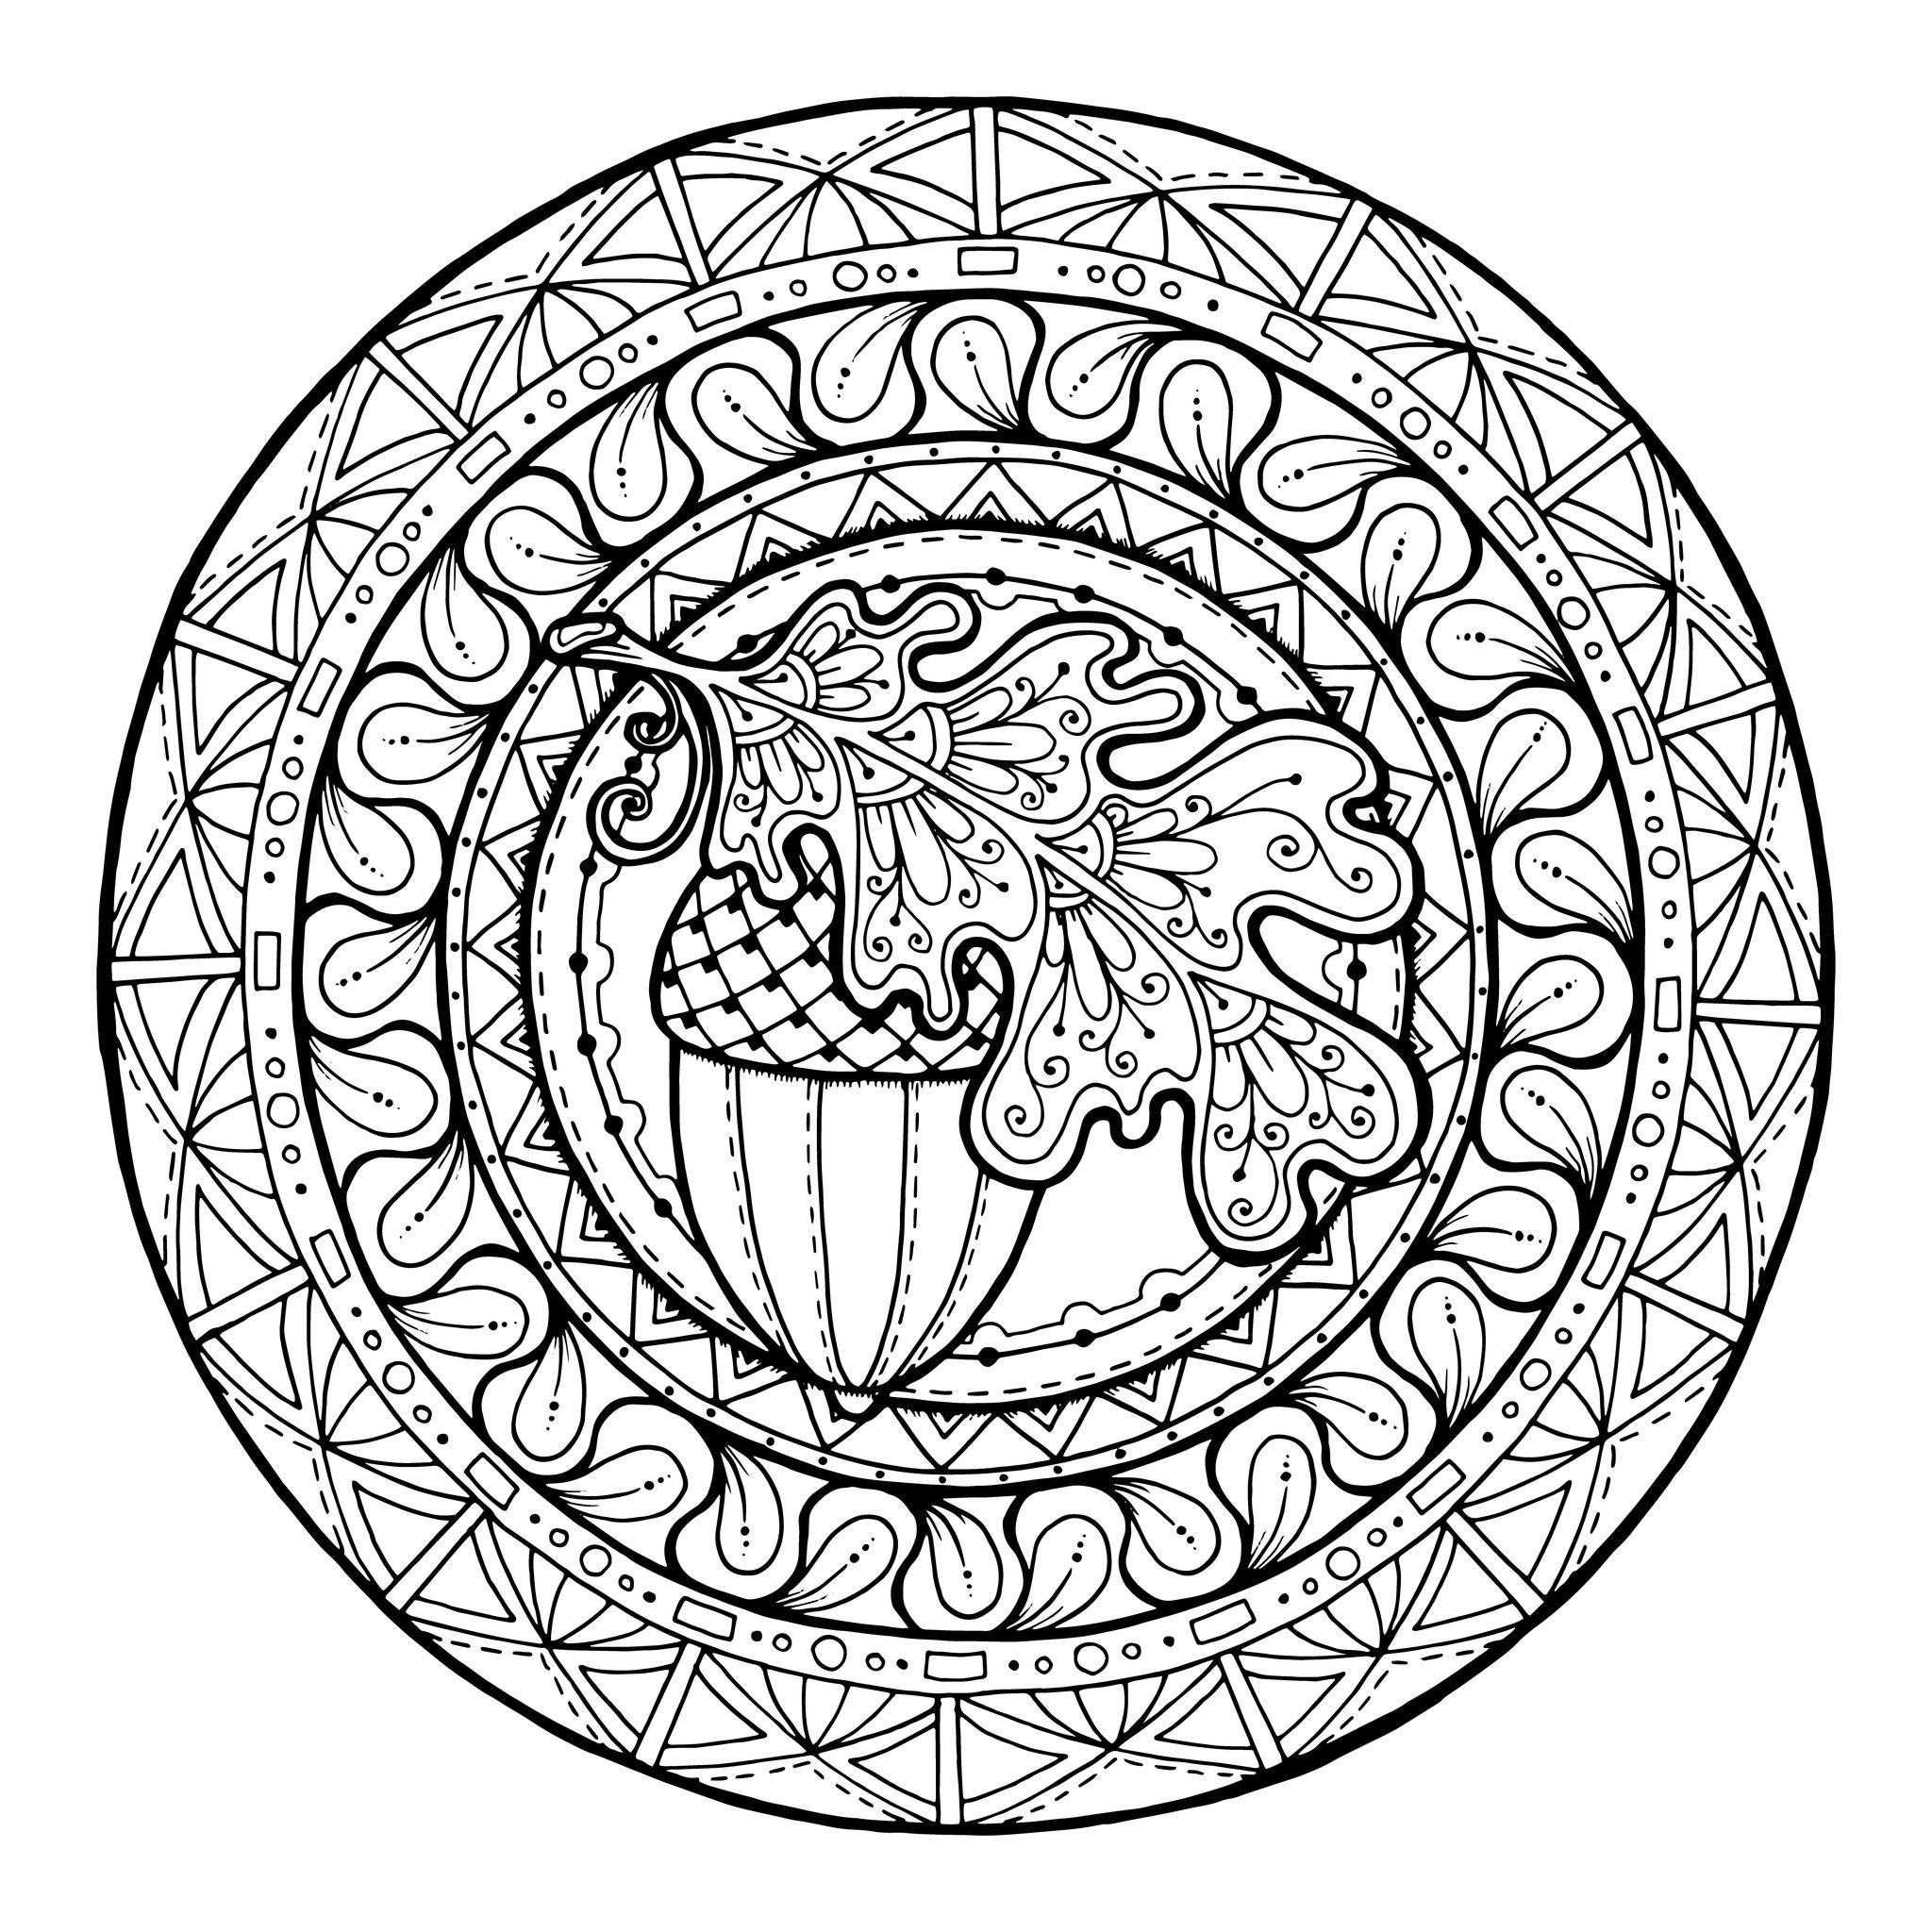 Gland et feuilles de chene  - Image avec : Gland, Foret, Automne